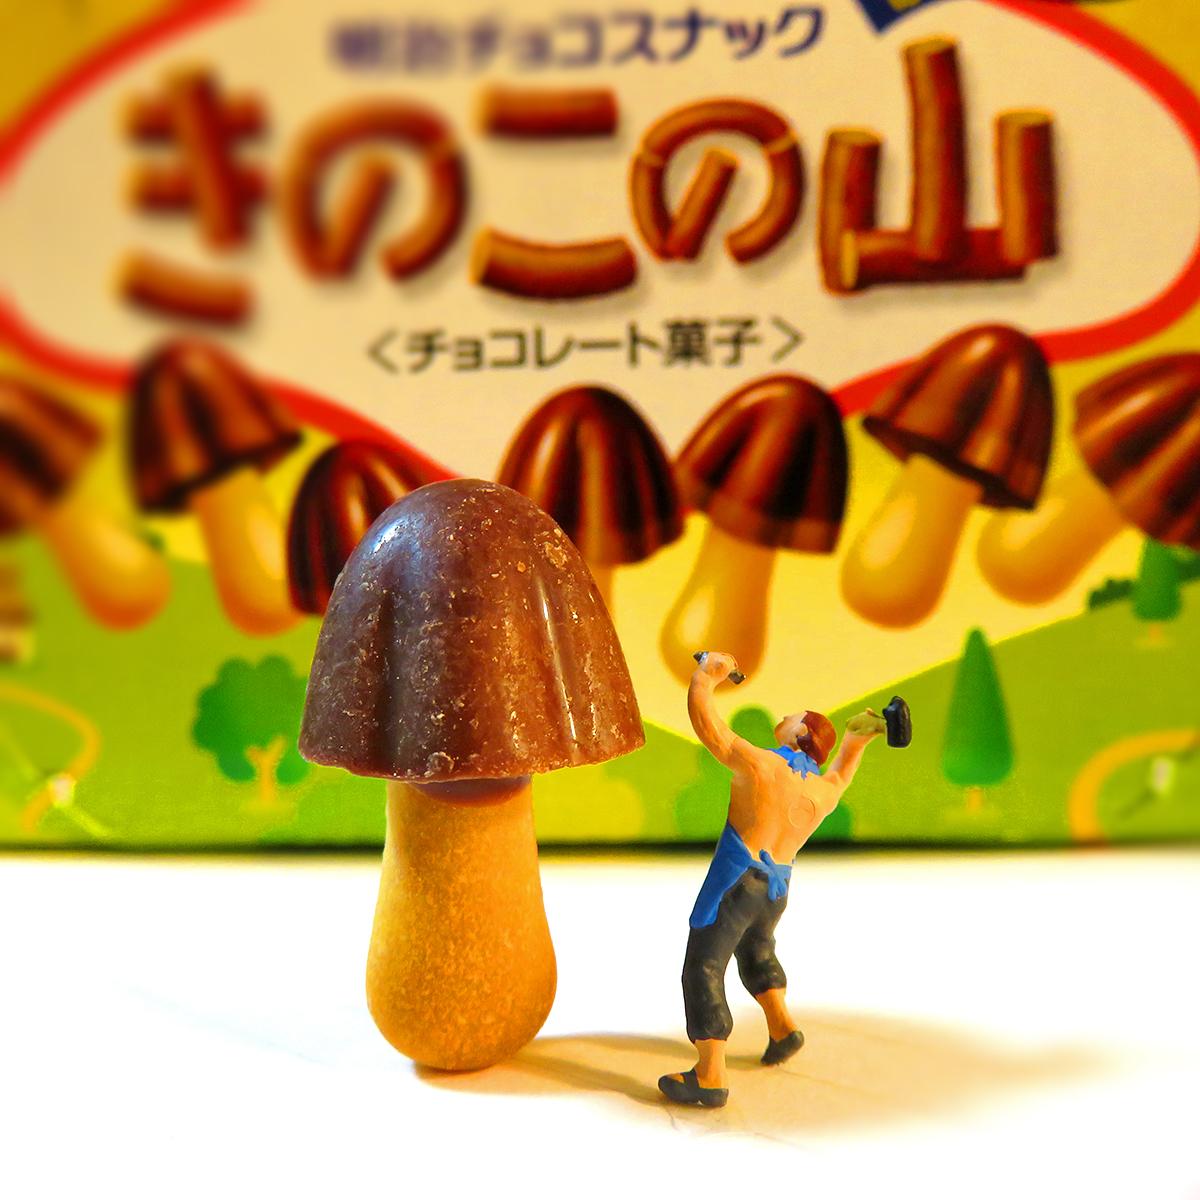 チョコを削ってきのこの山を完成させる彫師